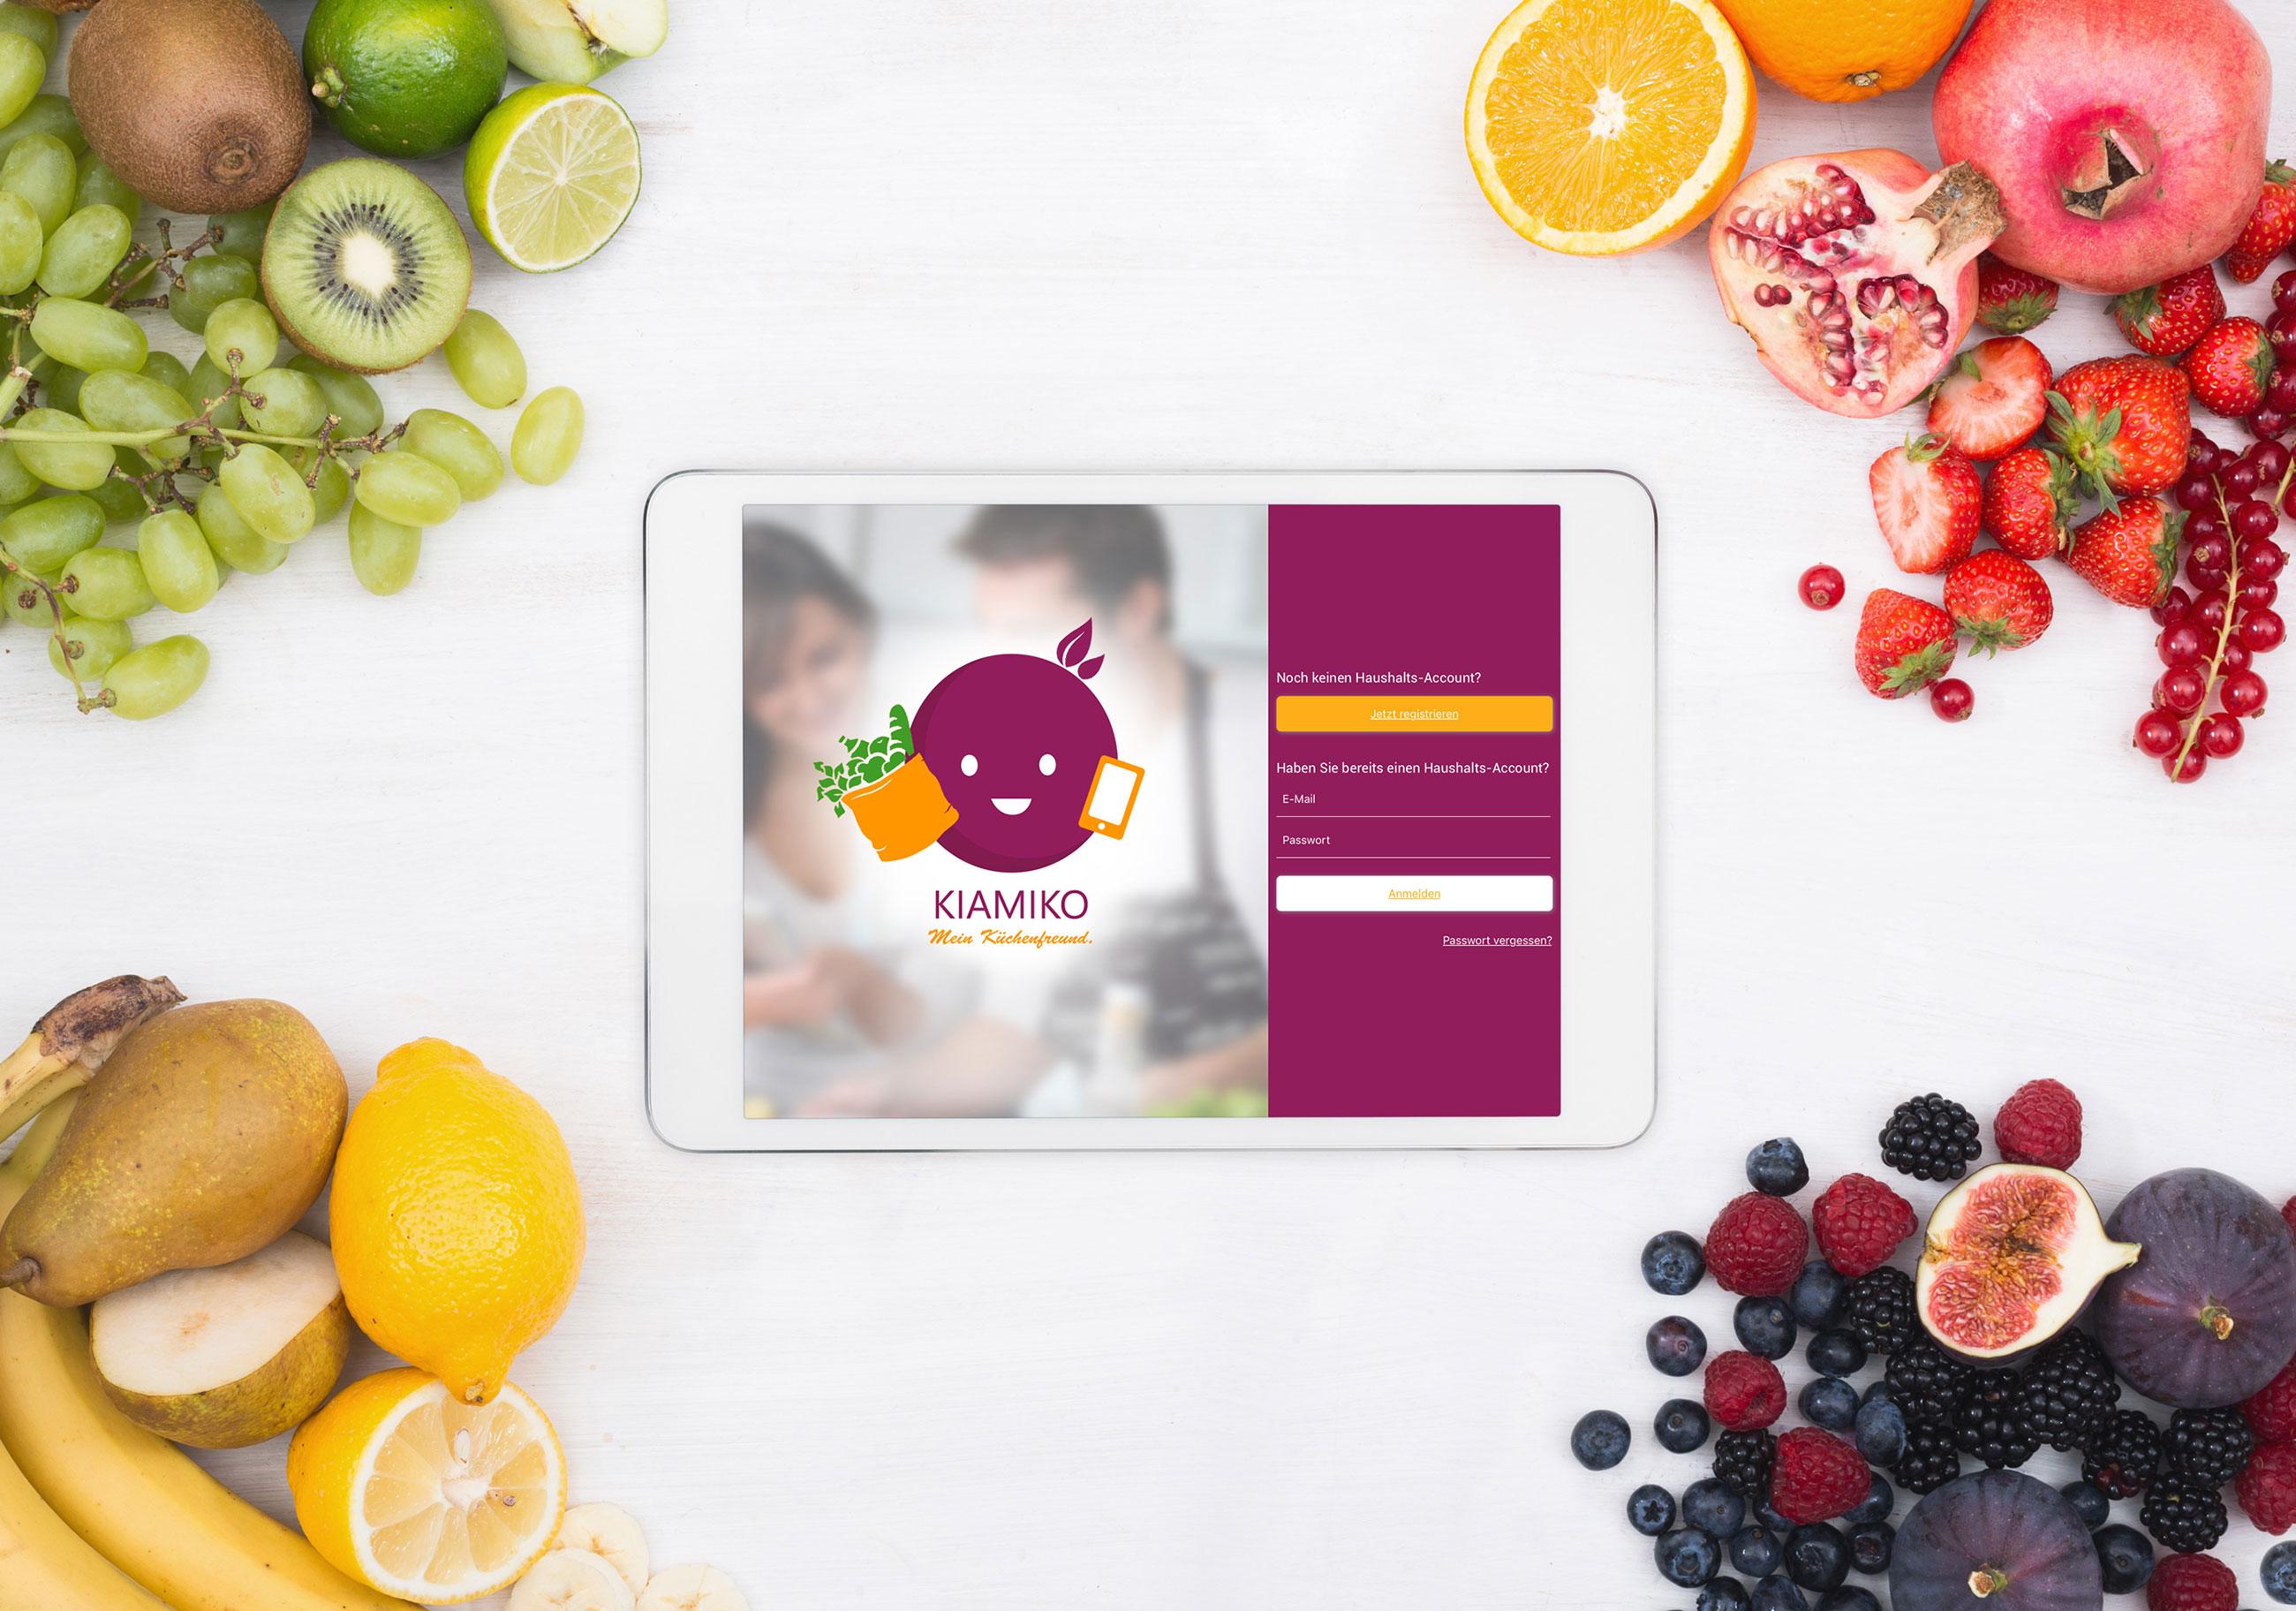 Kiamiko - Die smarte Küchen App von morgen